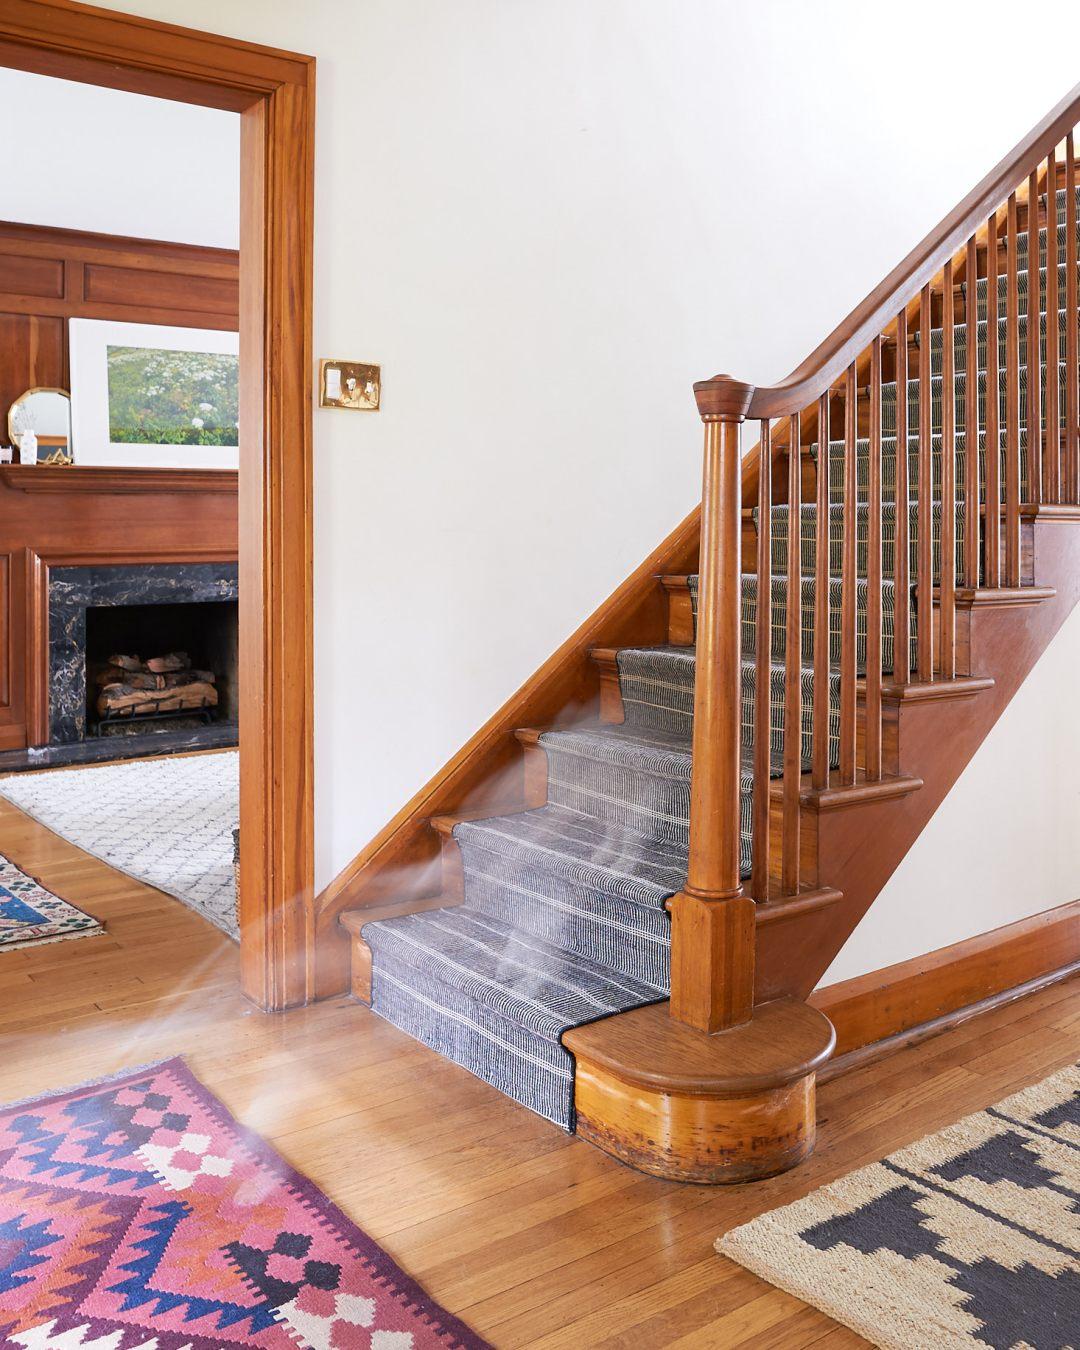 corgi running down the stairs